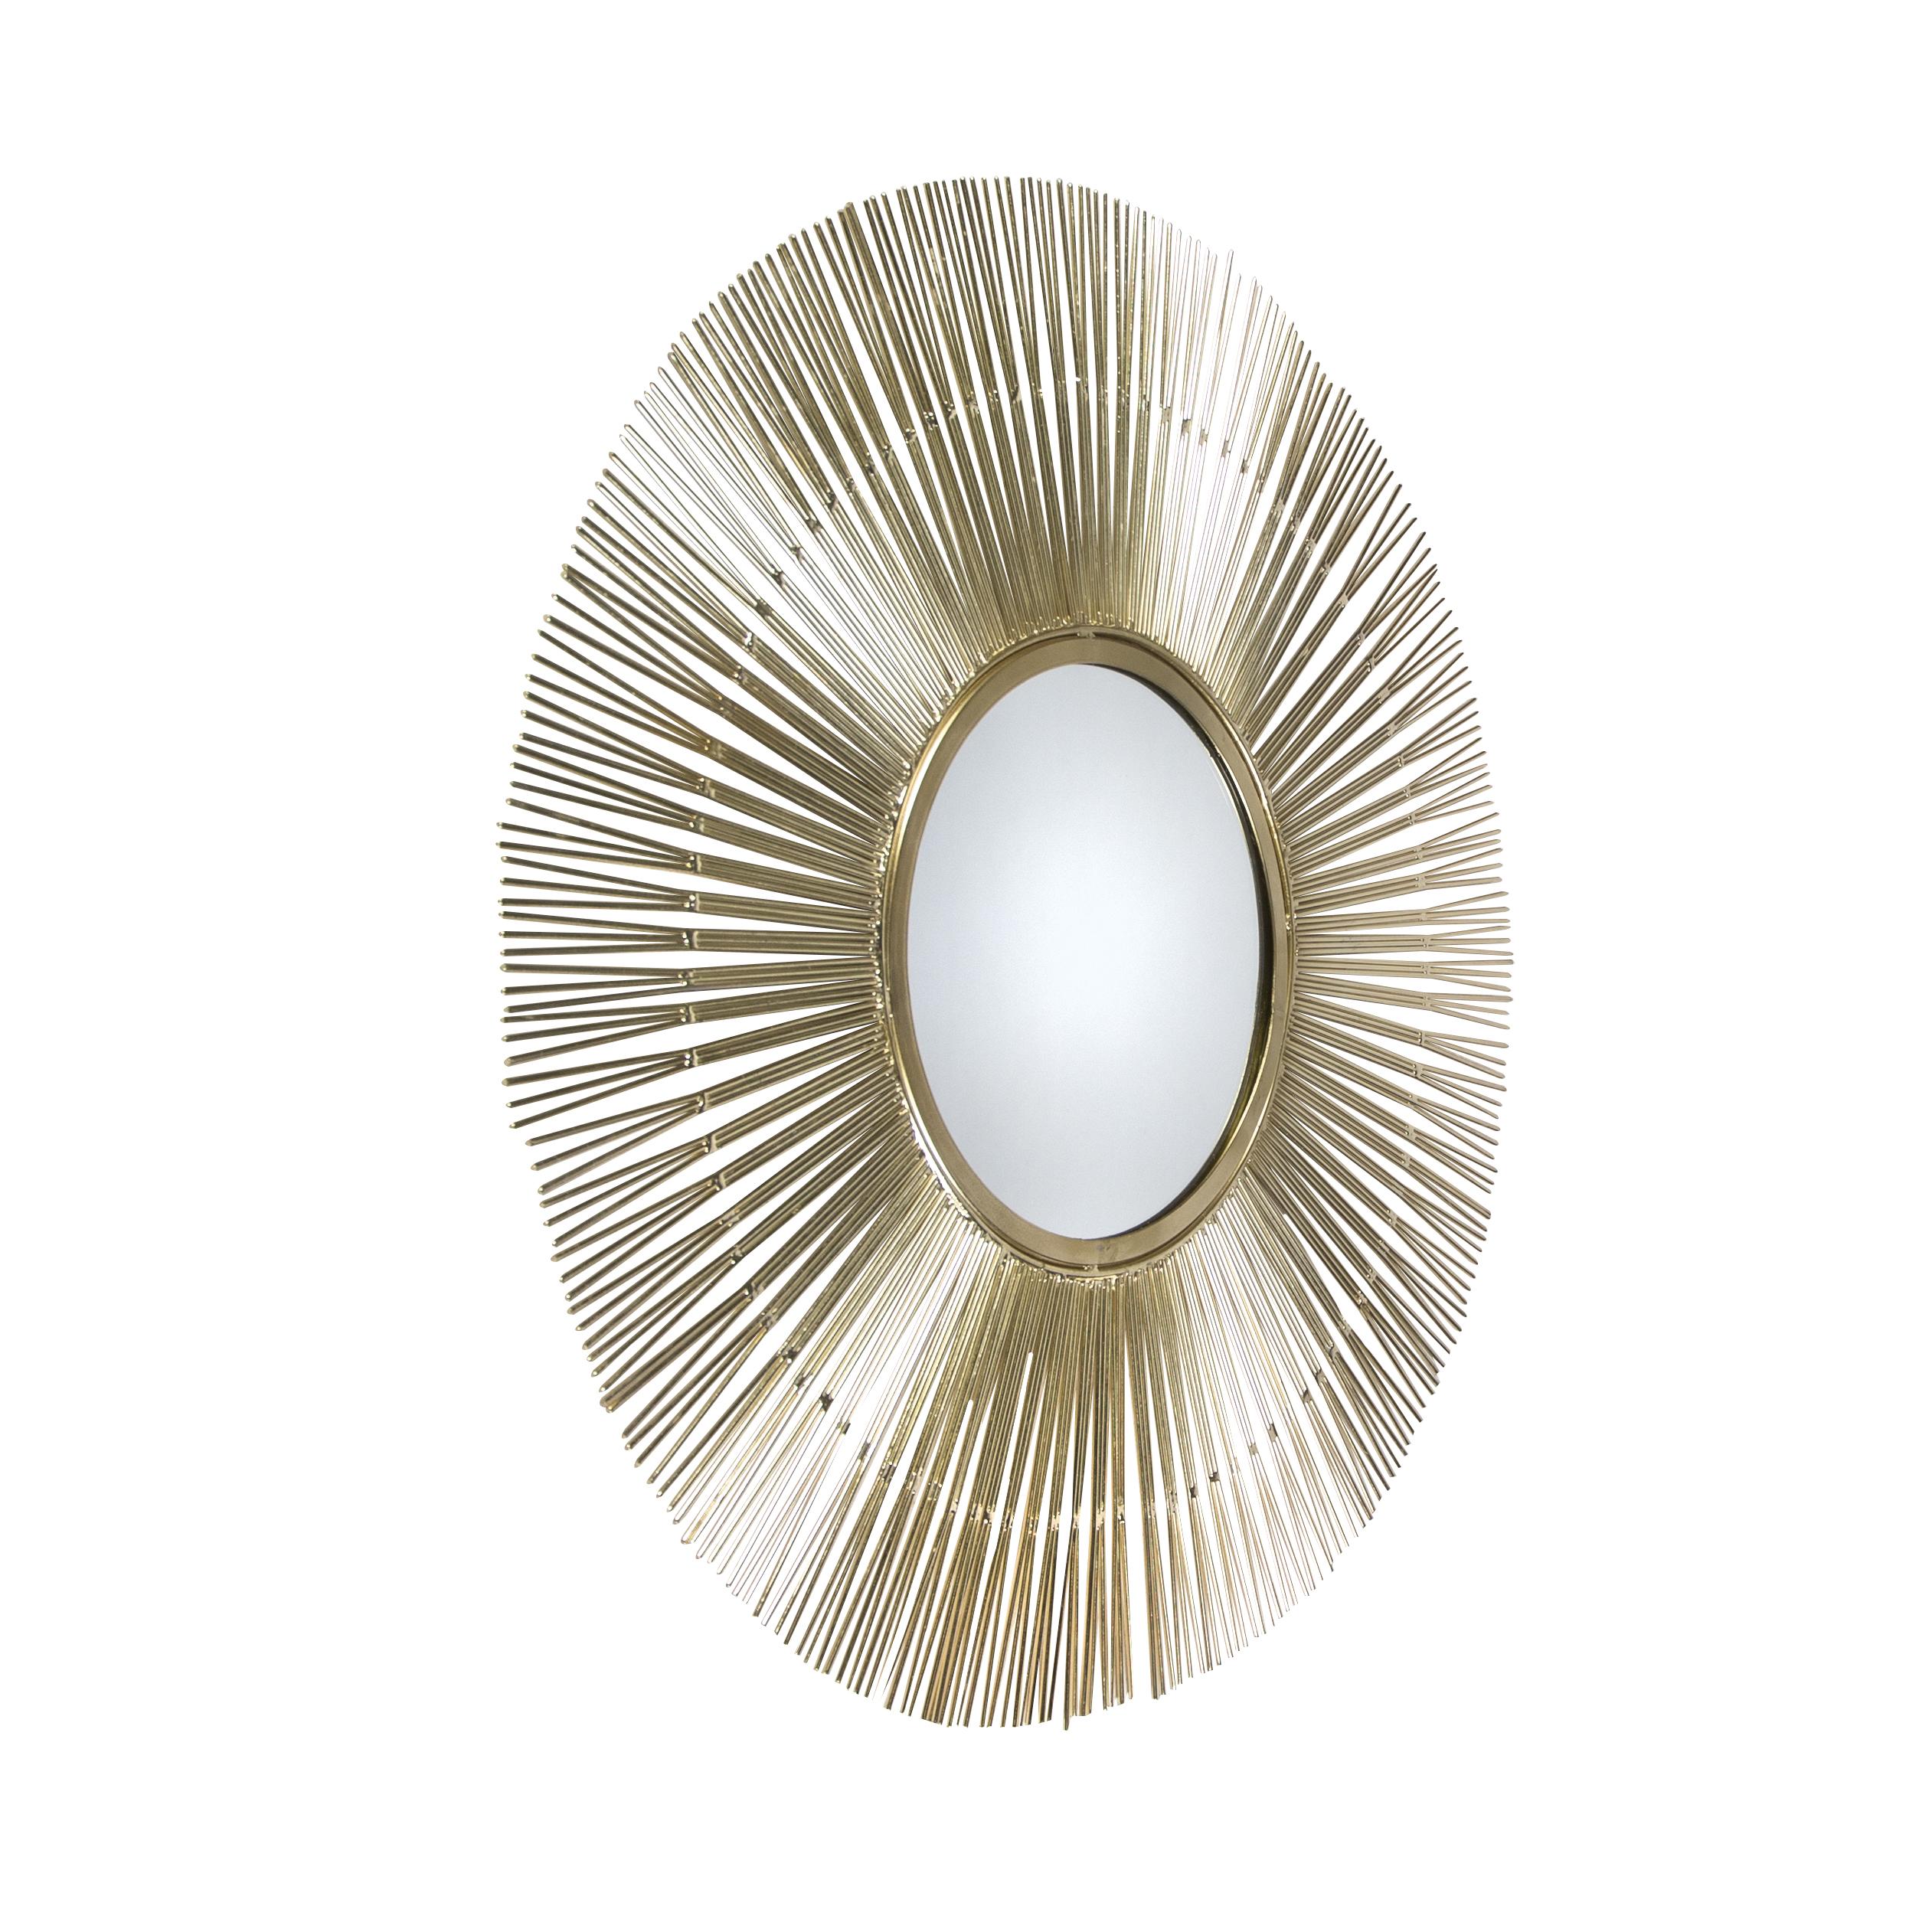 Art deco ronde spiegel 74cm goud - Inti